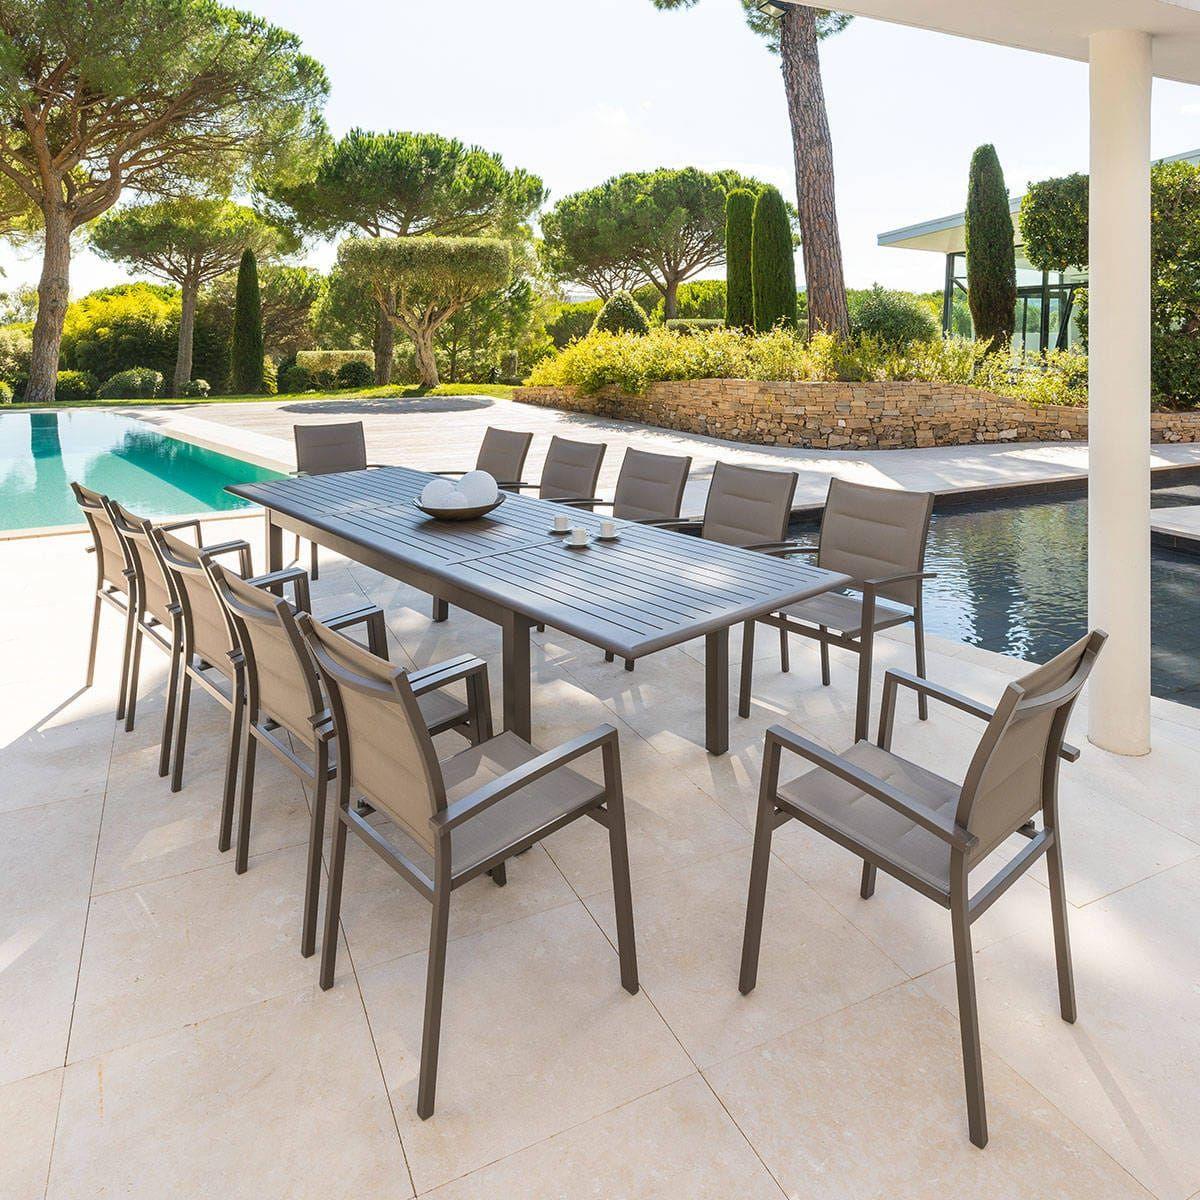 Table De Jardin Extensible Azua Tonka 12 Places - Aluminium ... intérieur Salon De Jardin 12 Places